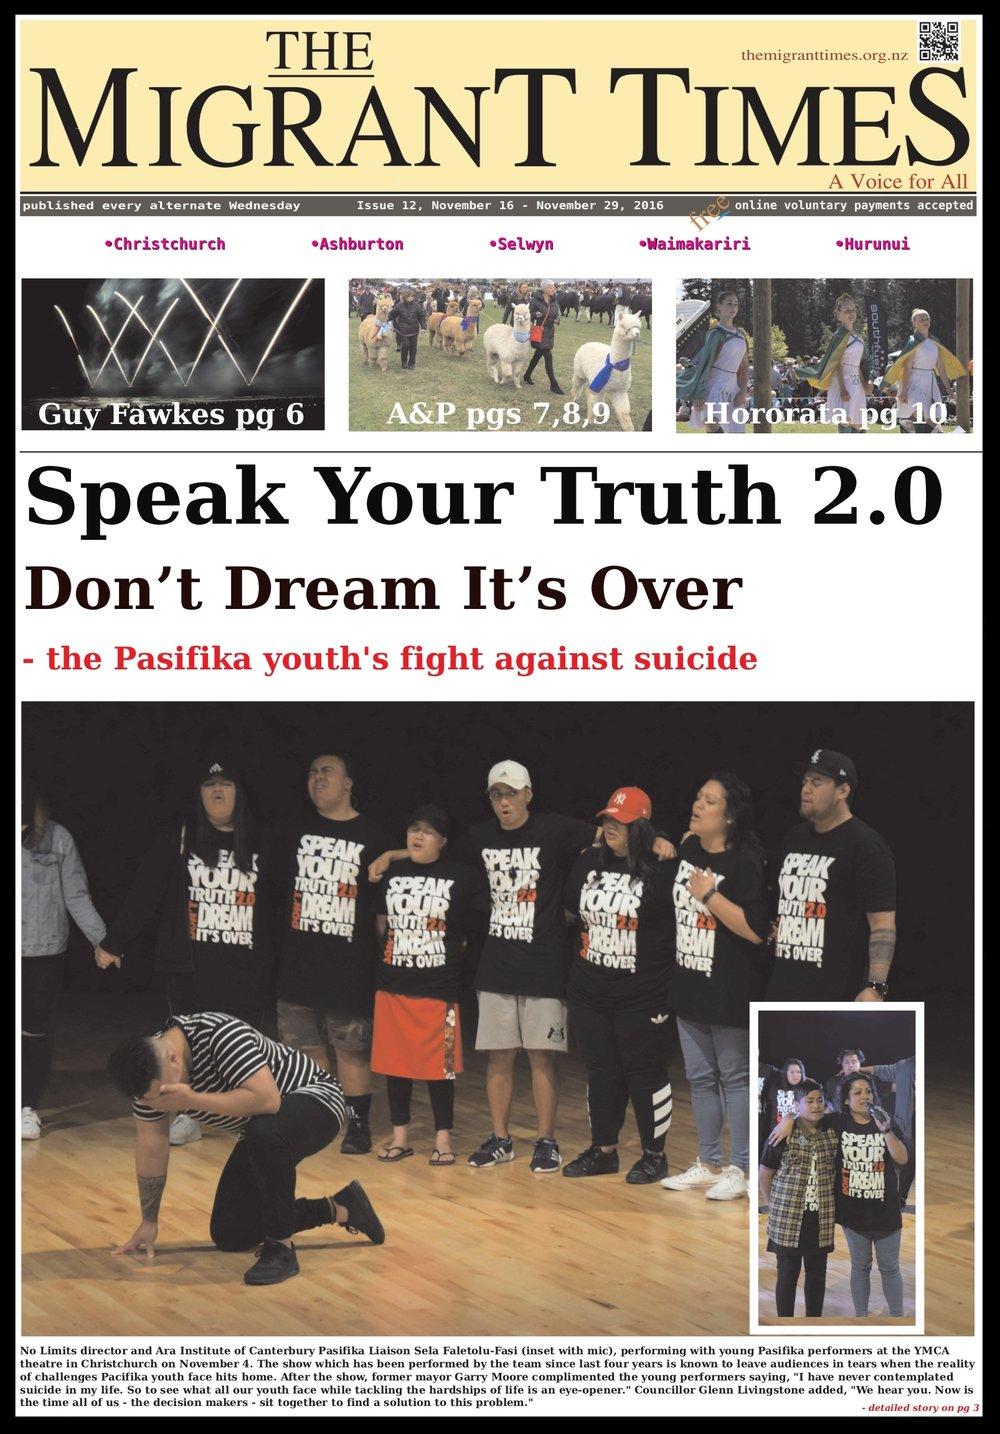 Issue 12, November 16 - November 29, 2016